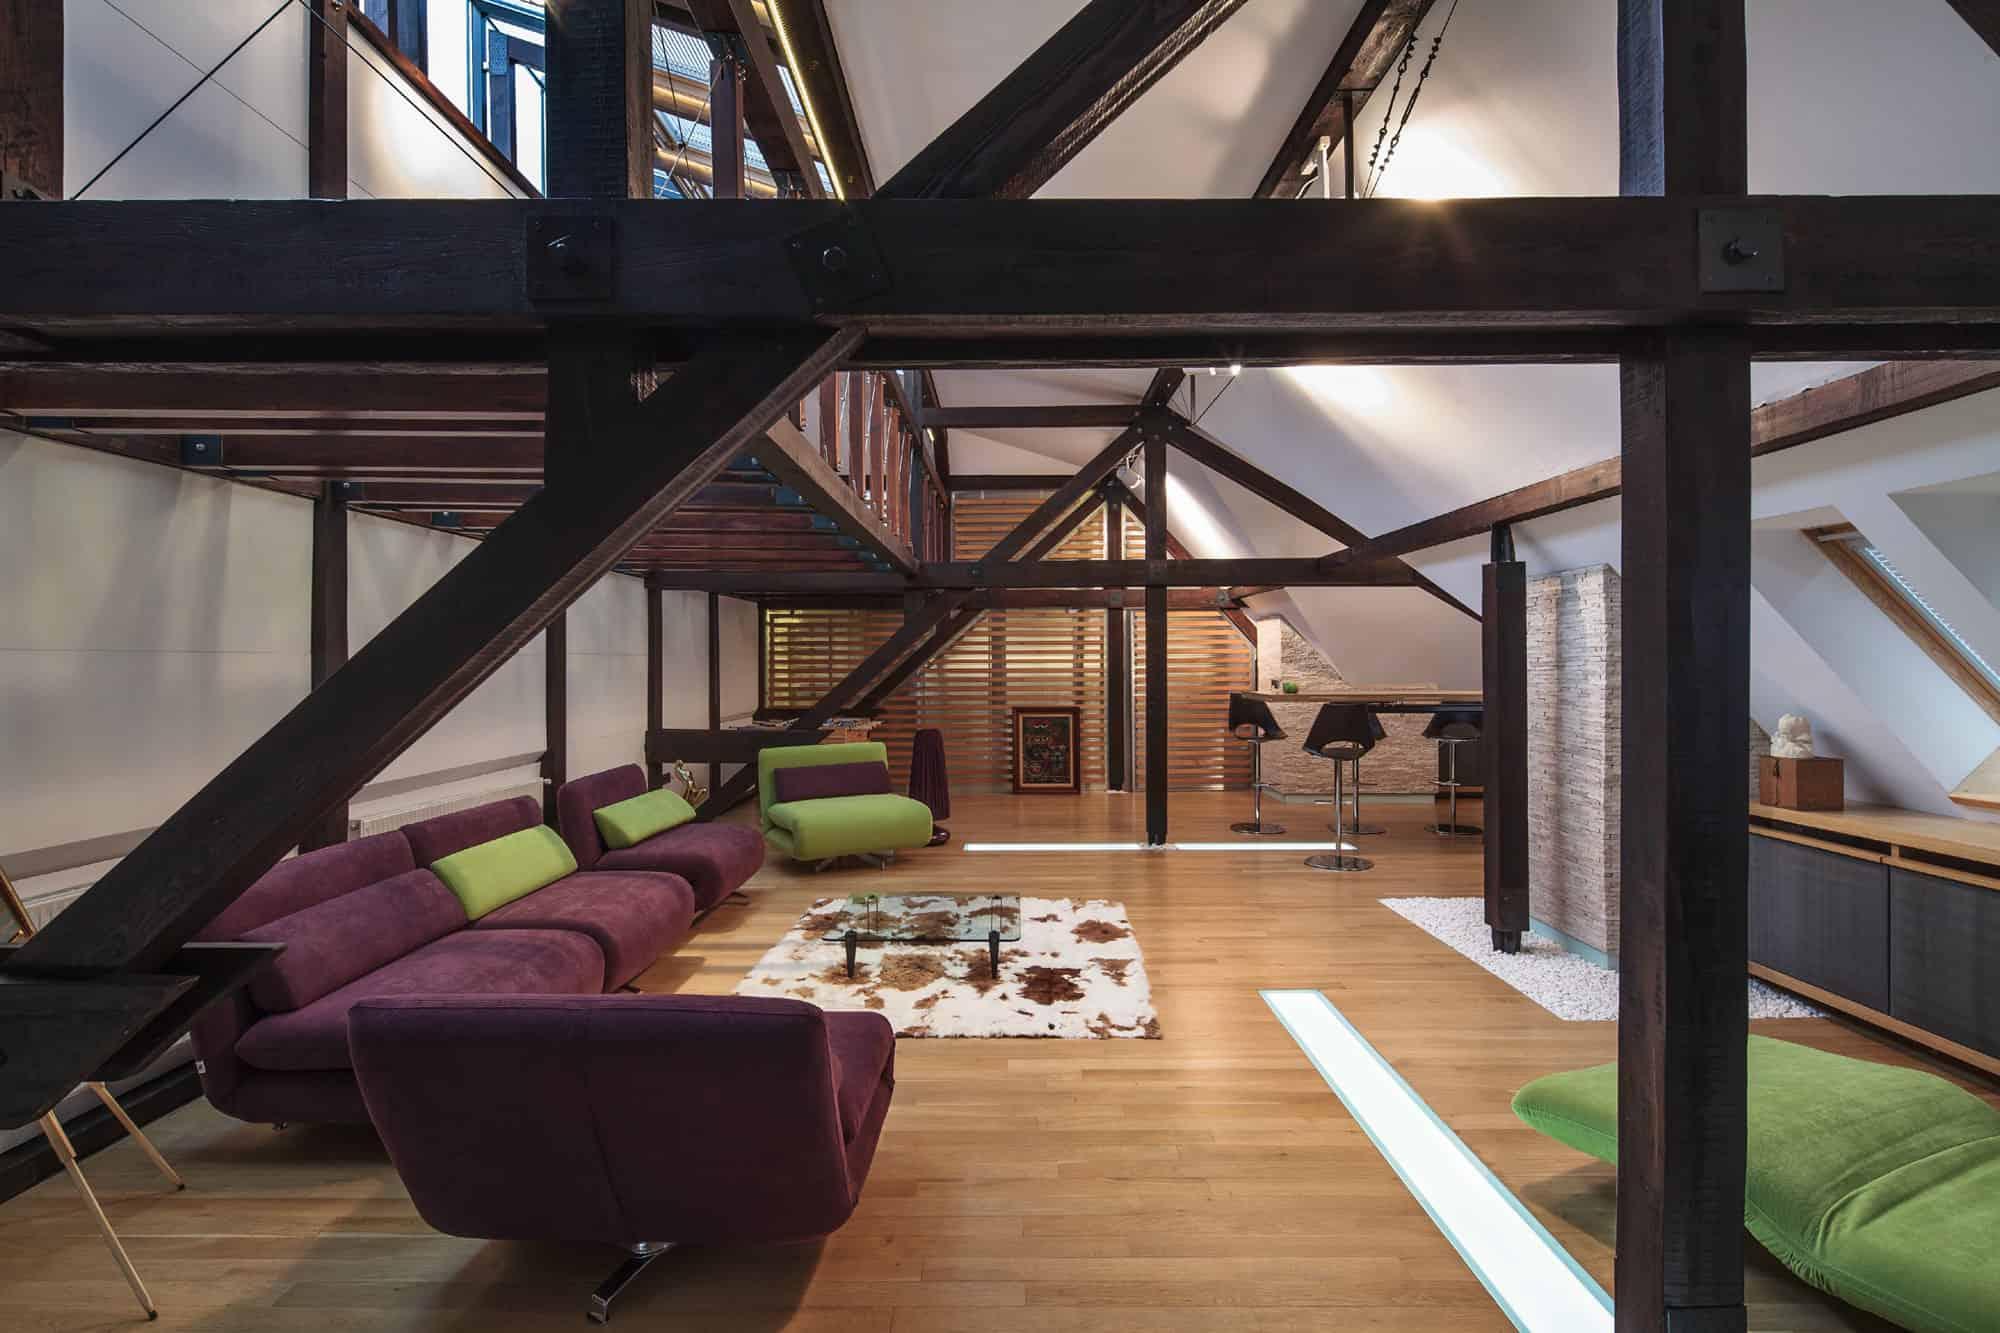 amusing attic loft interior design | A Renovated Loft in Bucharest by TECON